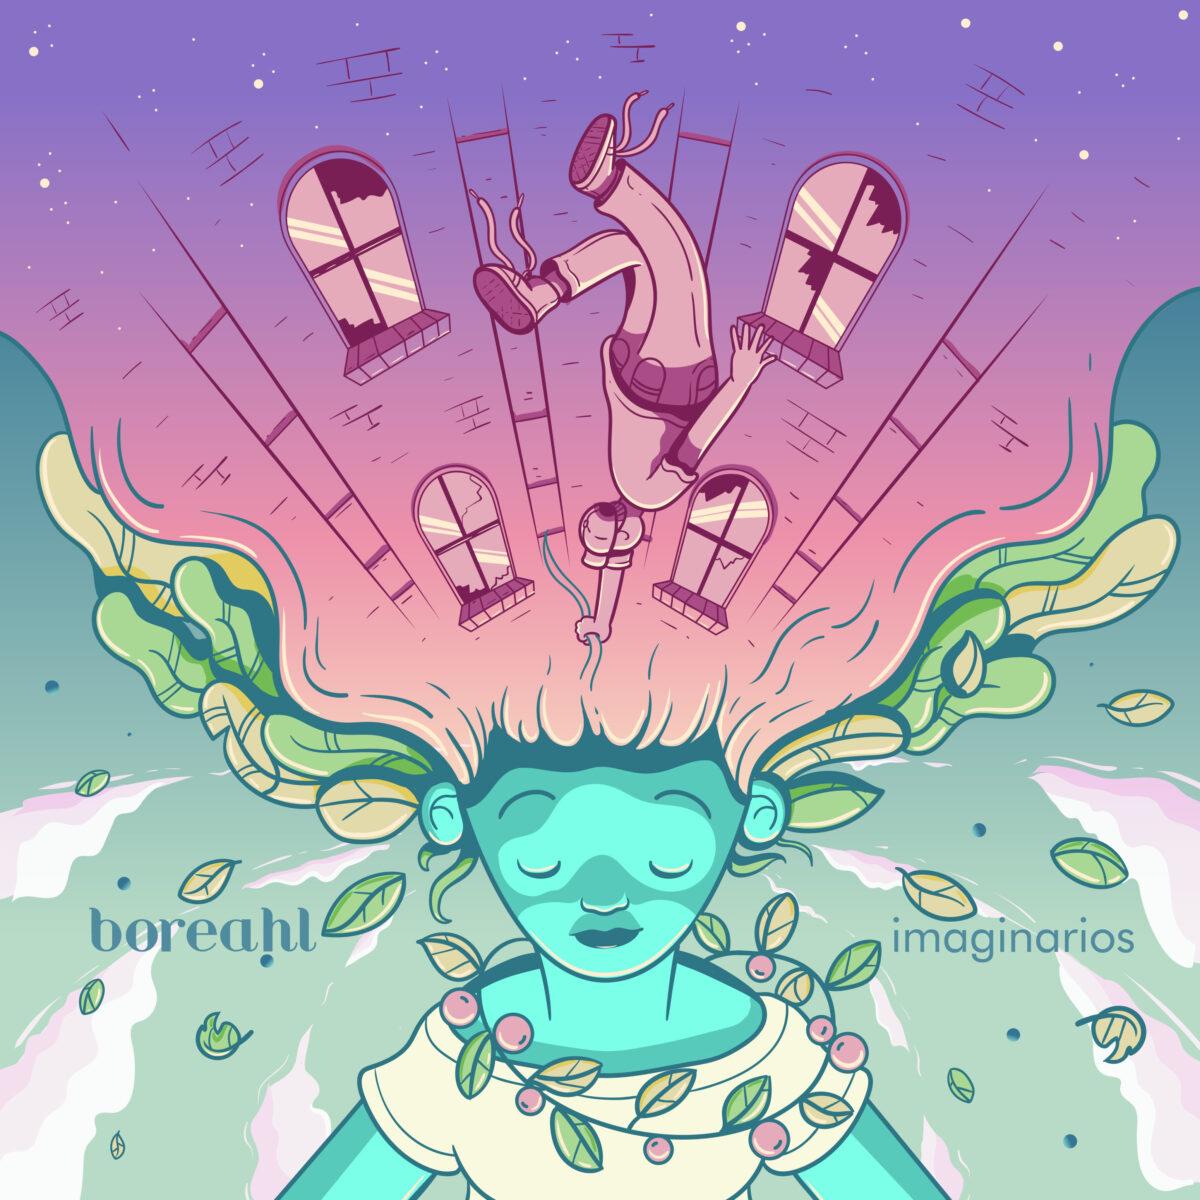 boreahl lanza su mas reciente sencillo alebri unnamed 2